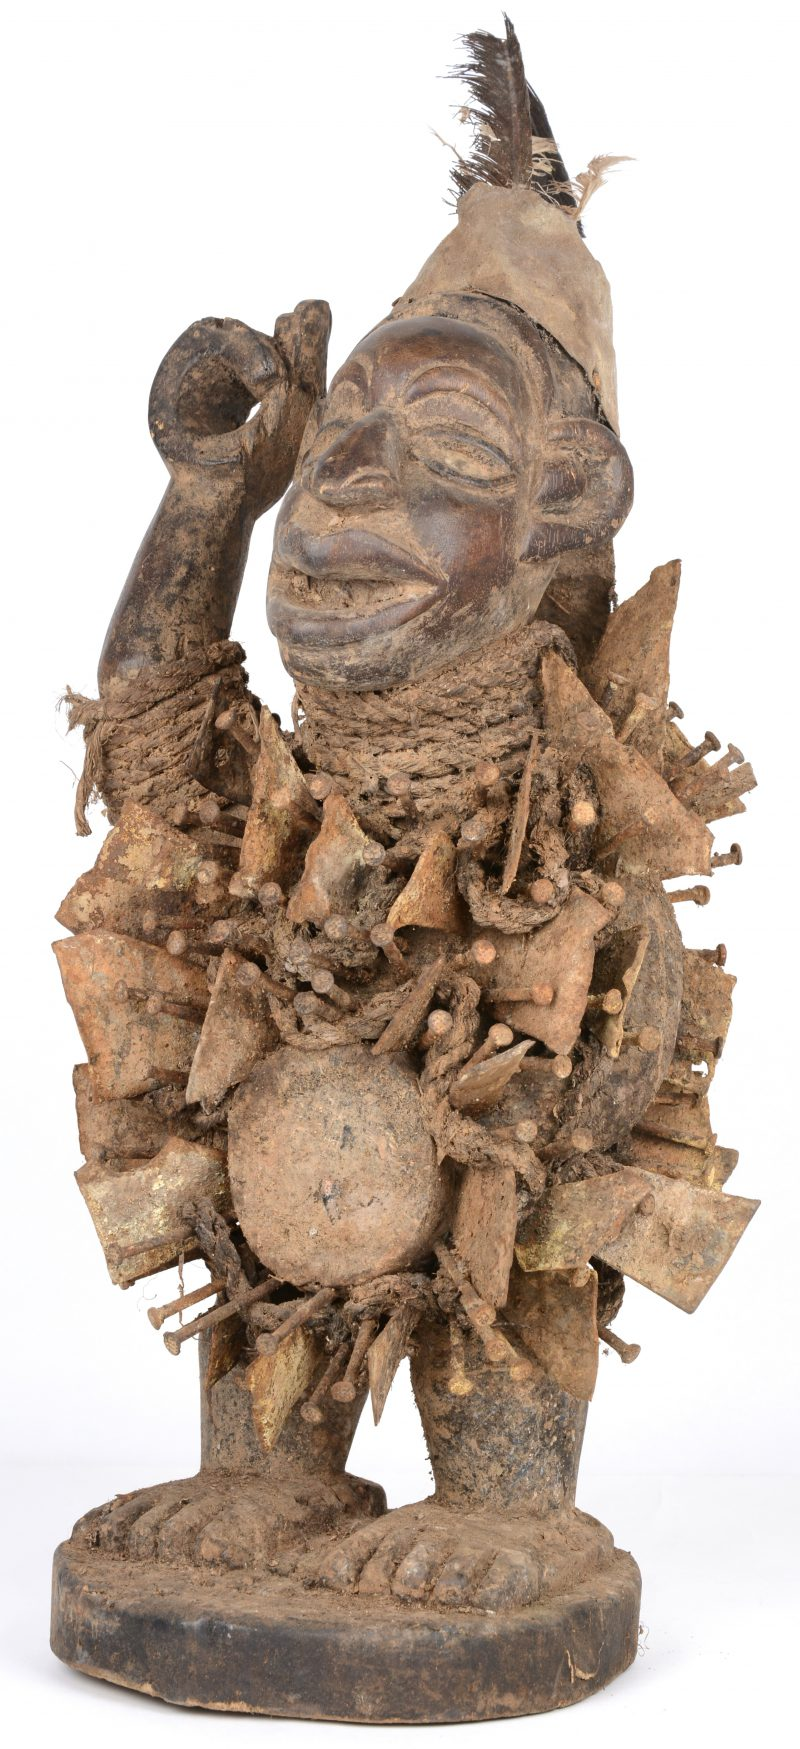 Een Afrikaans fetisjbeeld van gebeeldhouwd hout met metalen platen en nagels en bovenaan getooid met veren.